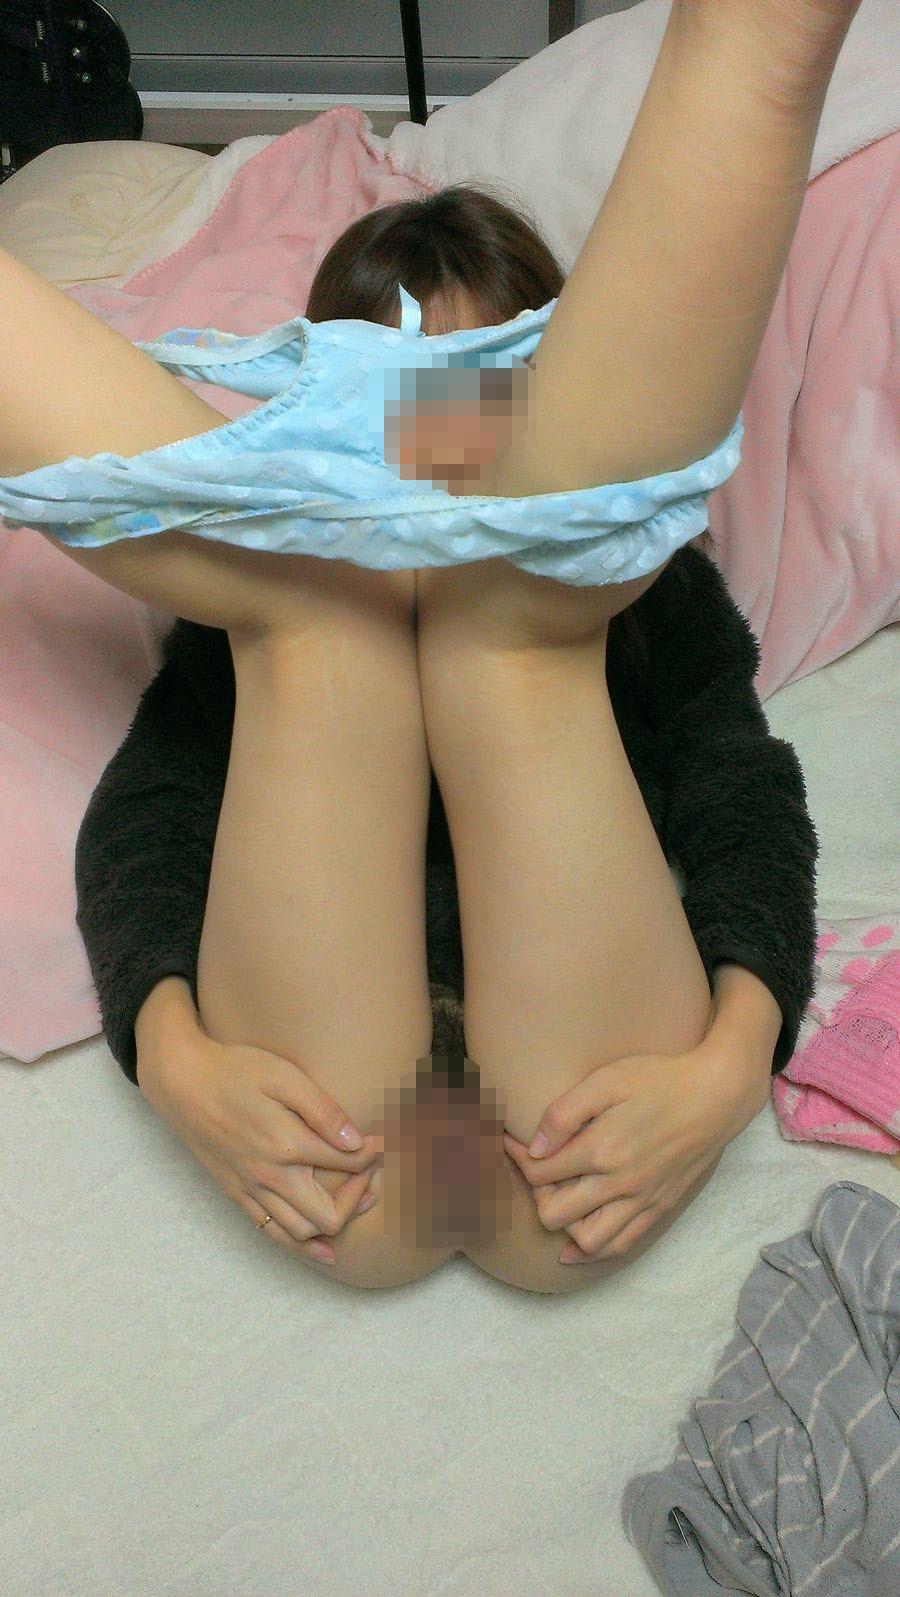 生臭いまんこくぱぁしてる素人娘のエロ画像 JKDSMB5